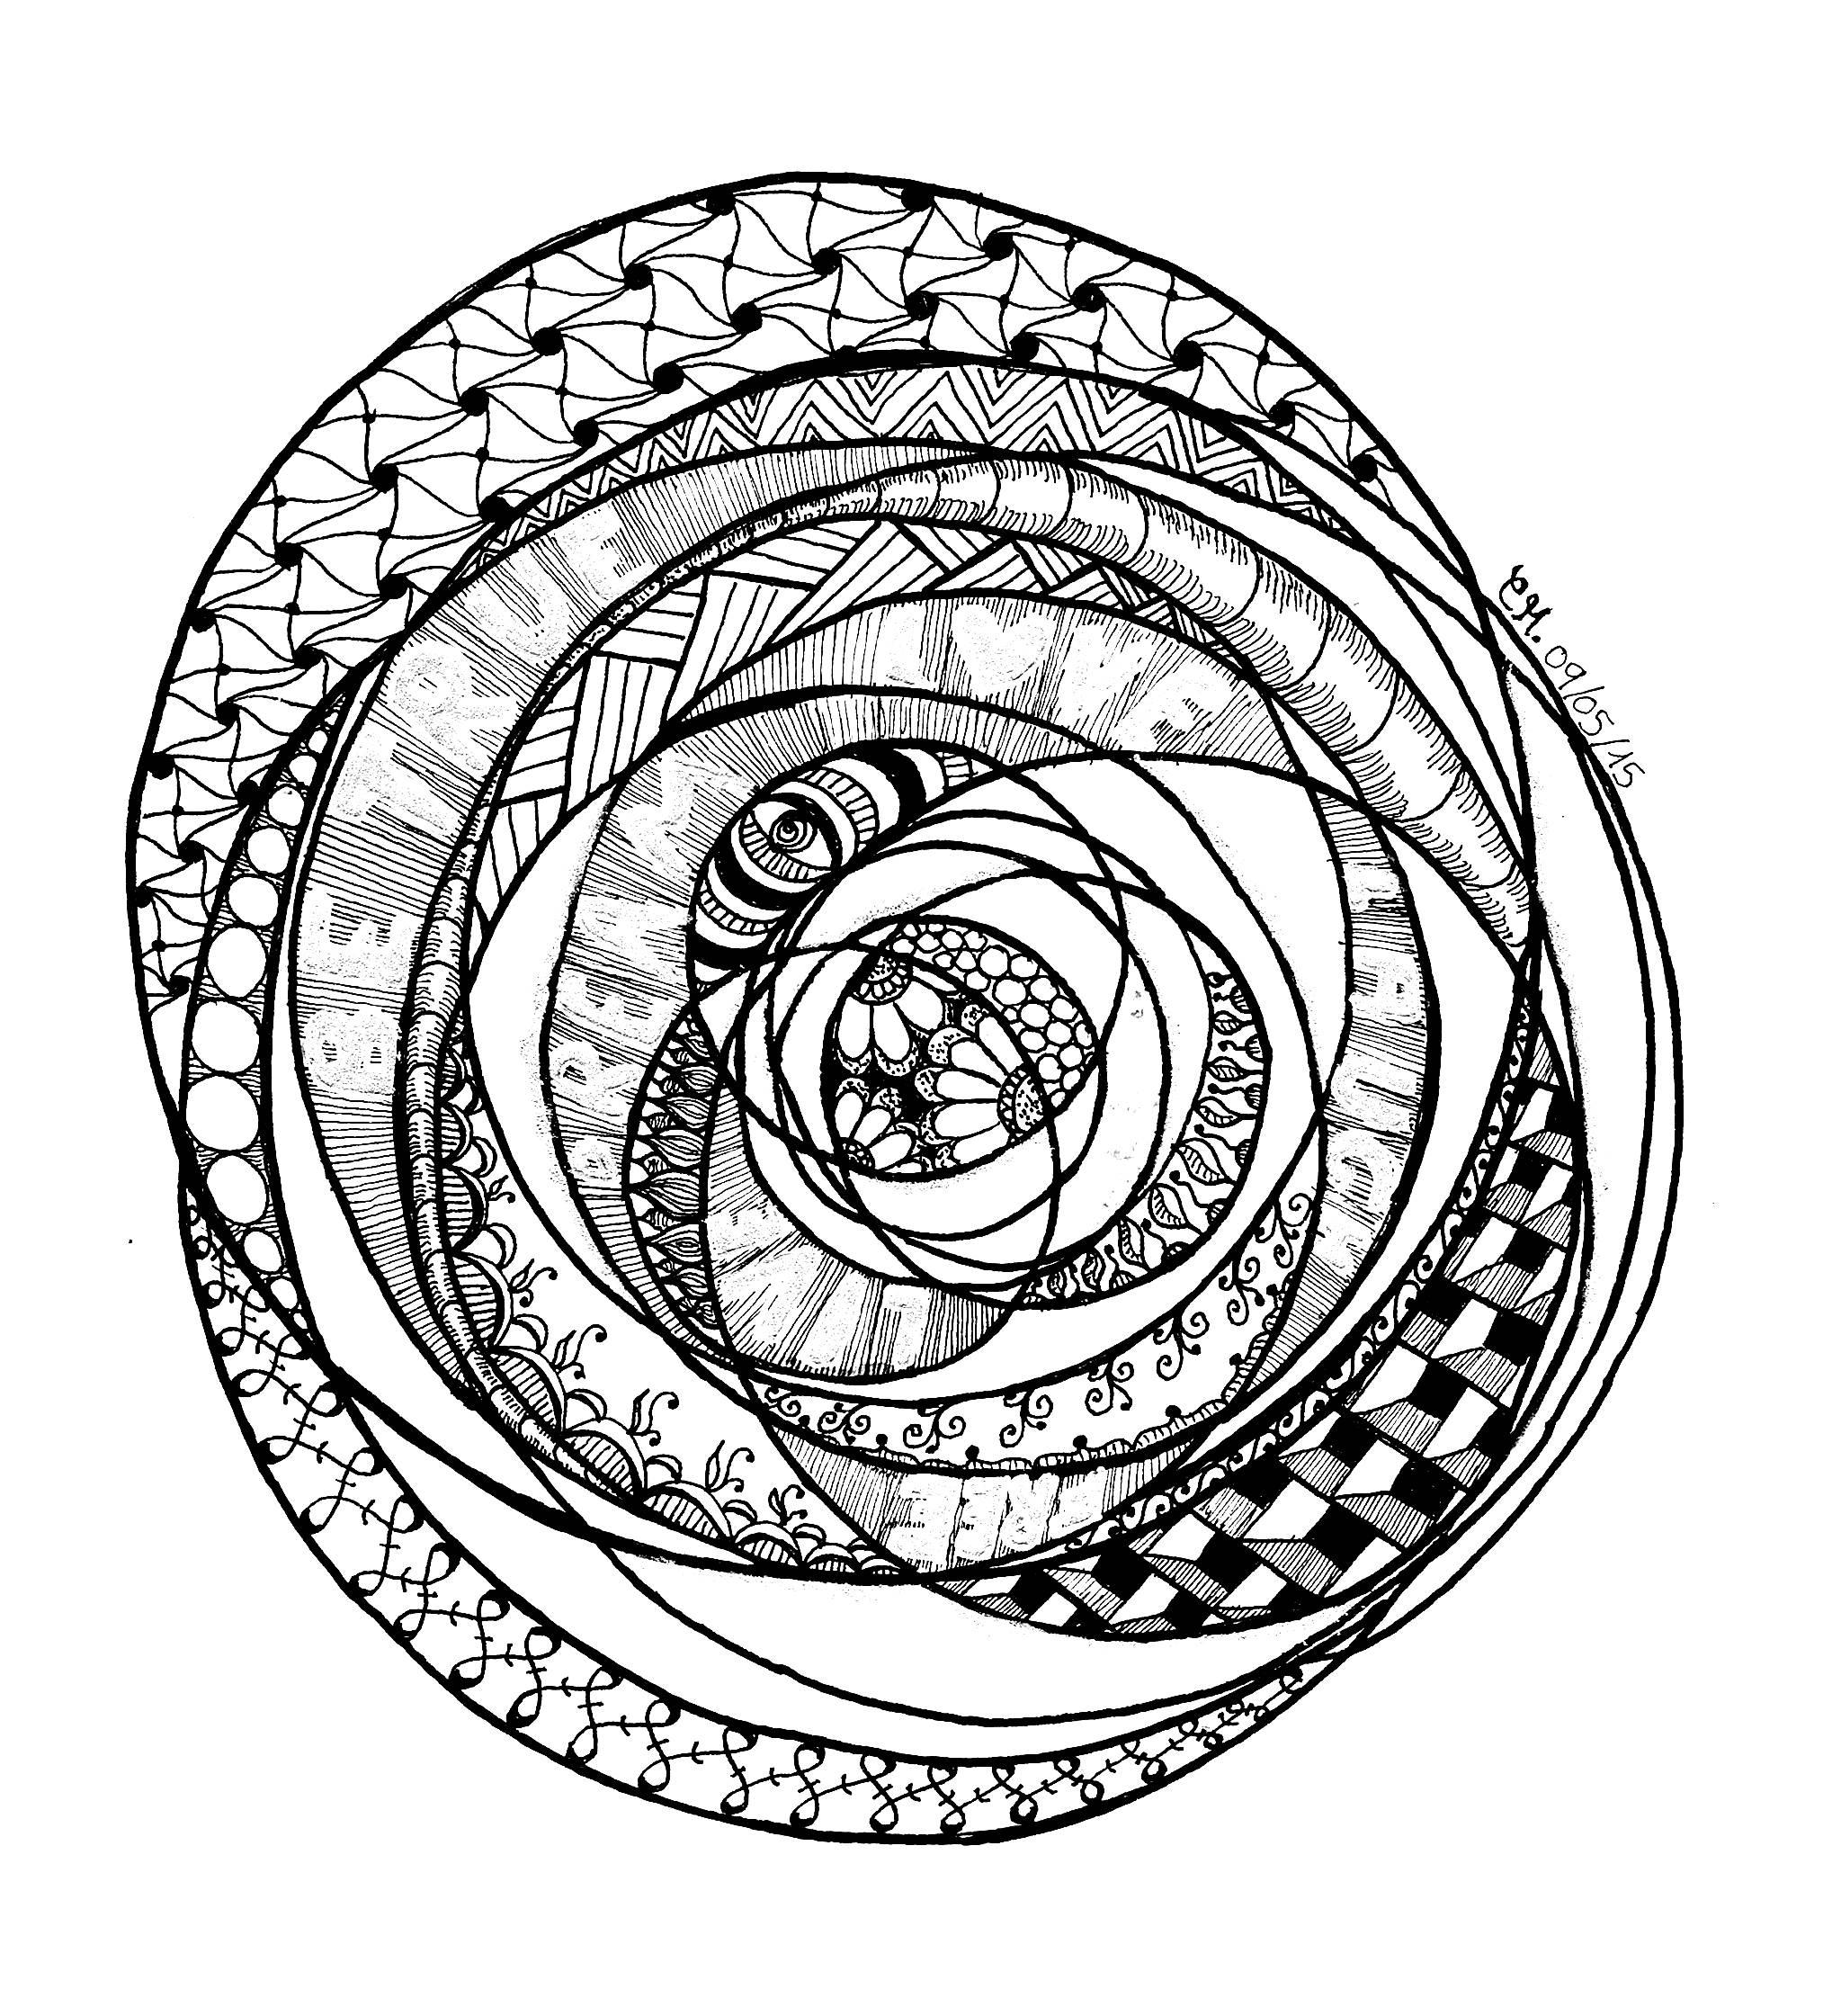 Disegni da colorare per adulti : Zentangle - 20